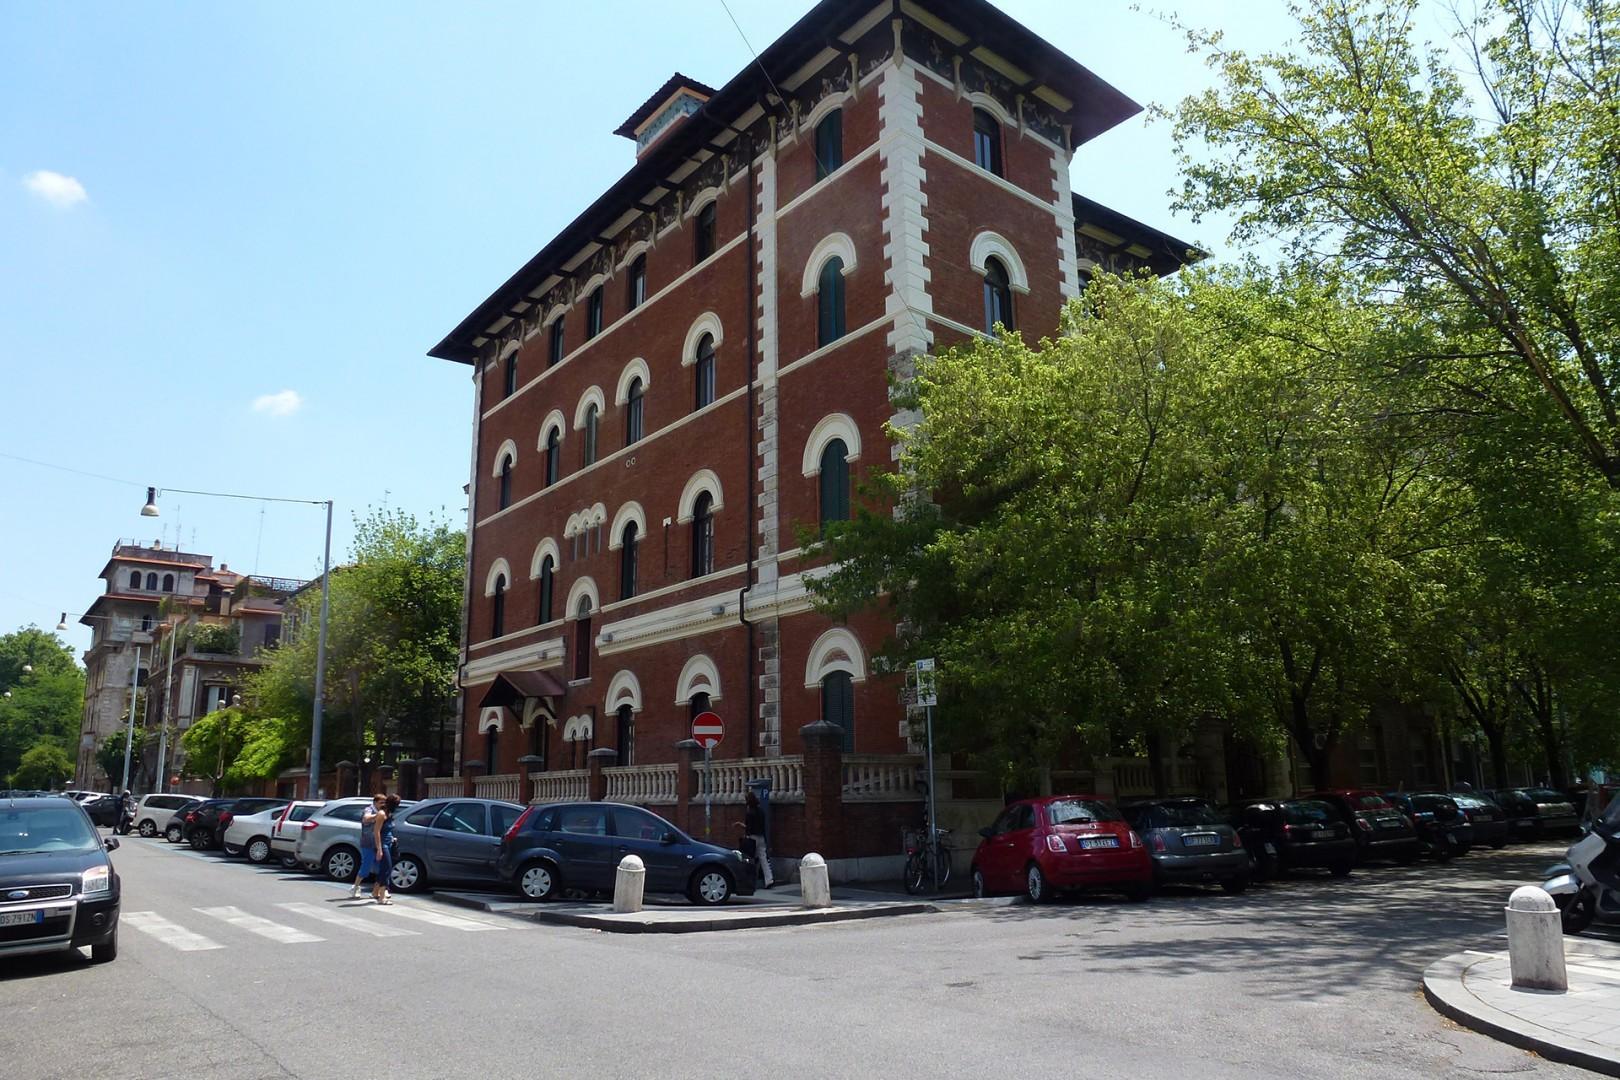 Adjoining building is an Art Nouveau landmark.